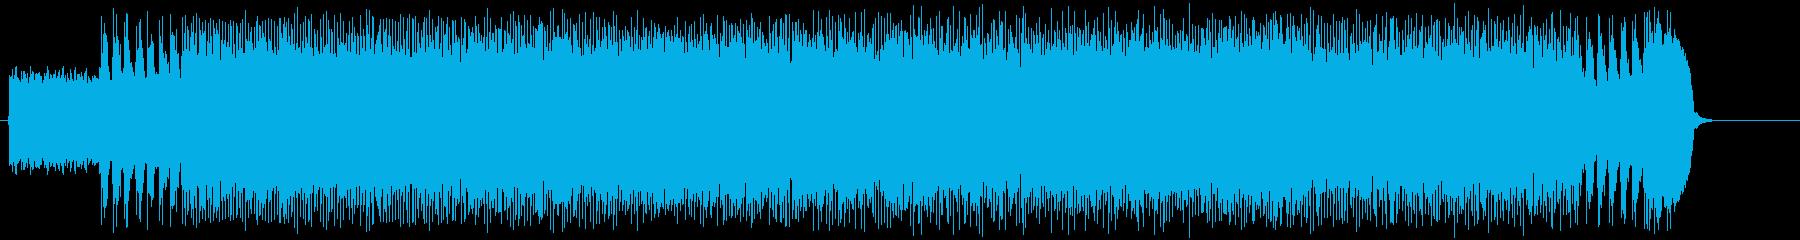 ハードな疾走するマイナーへヴィーメタルの再生済みの波形